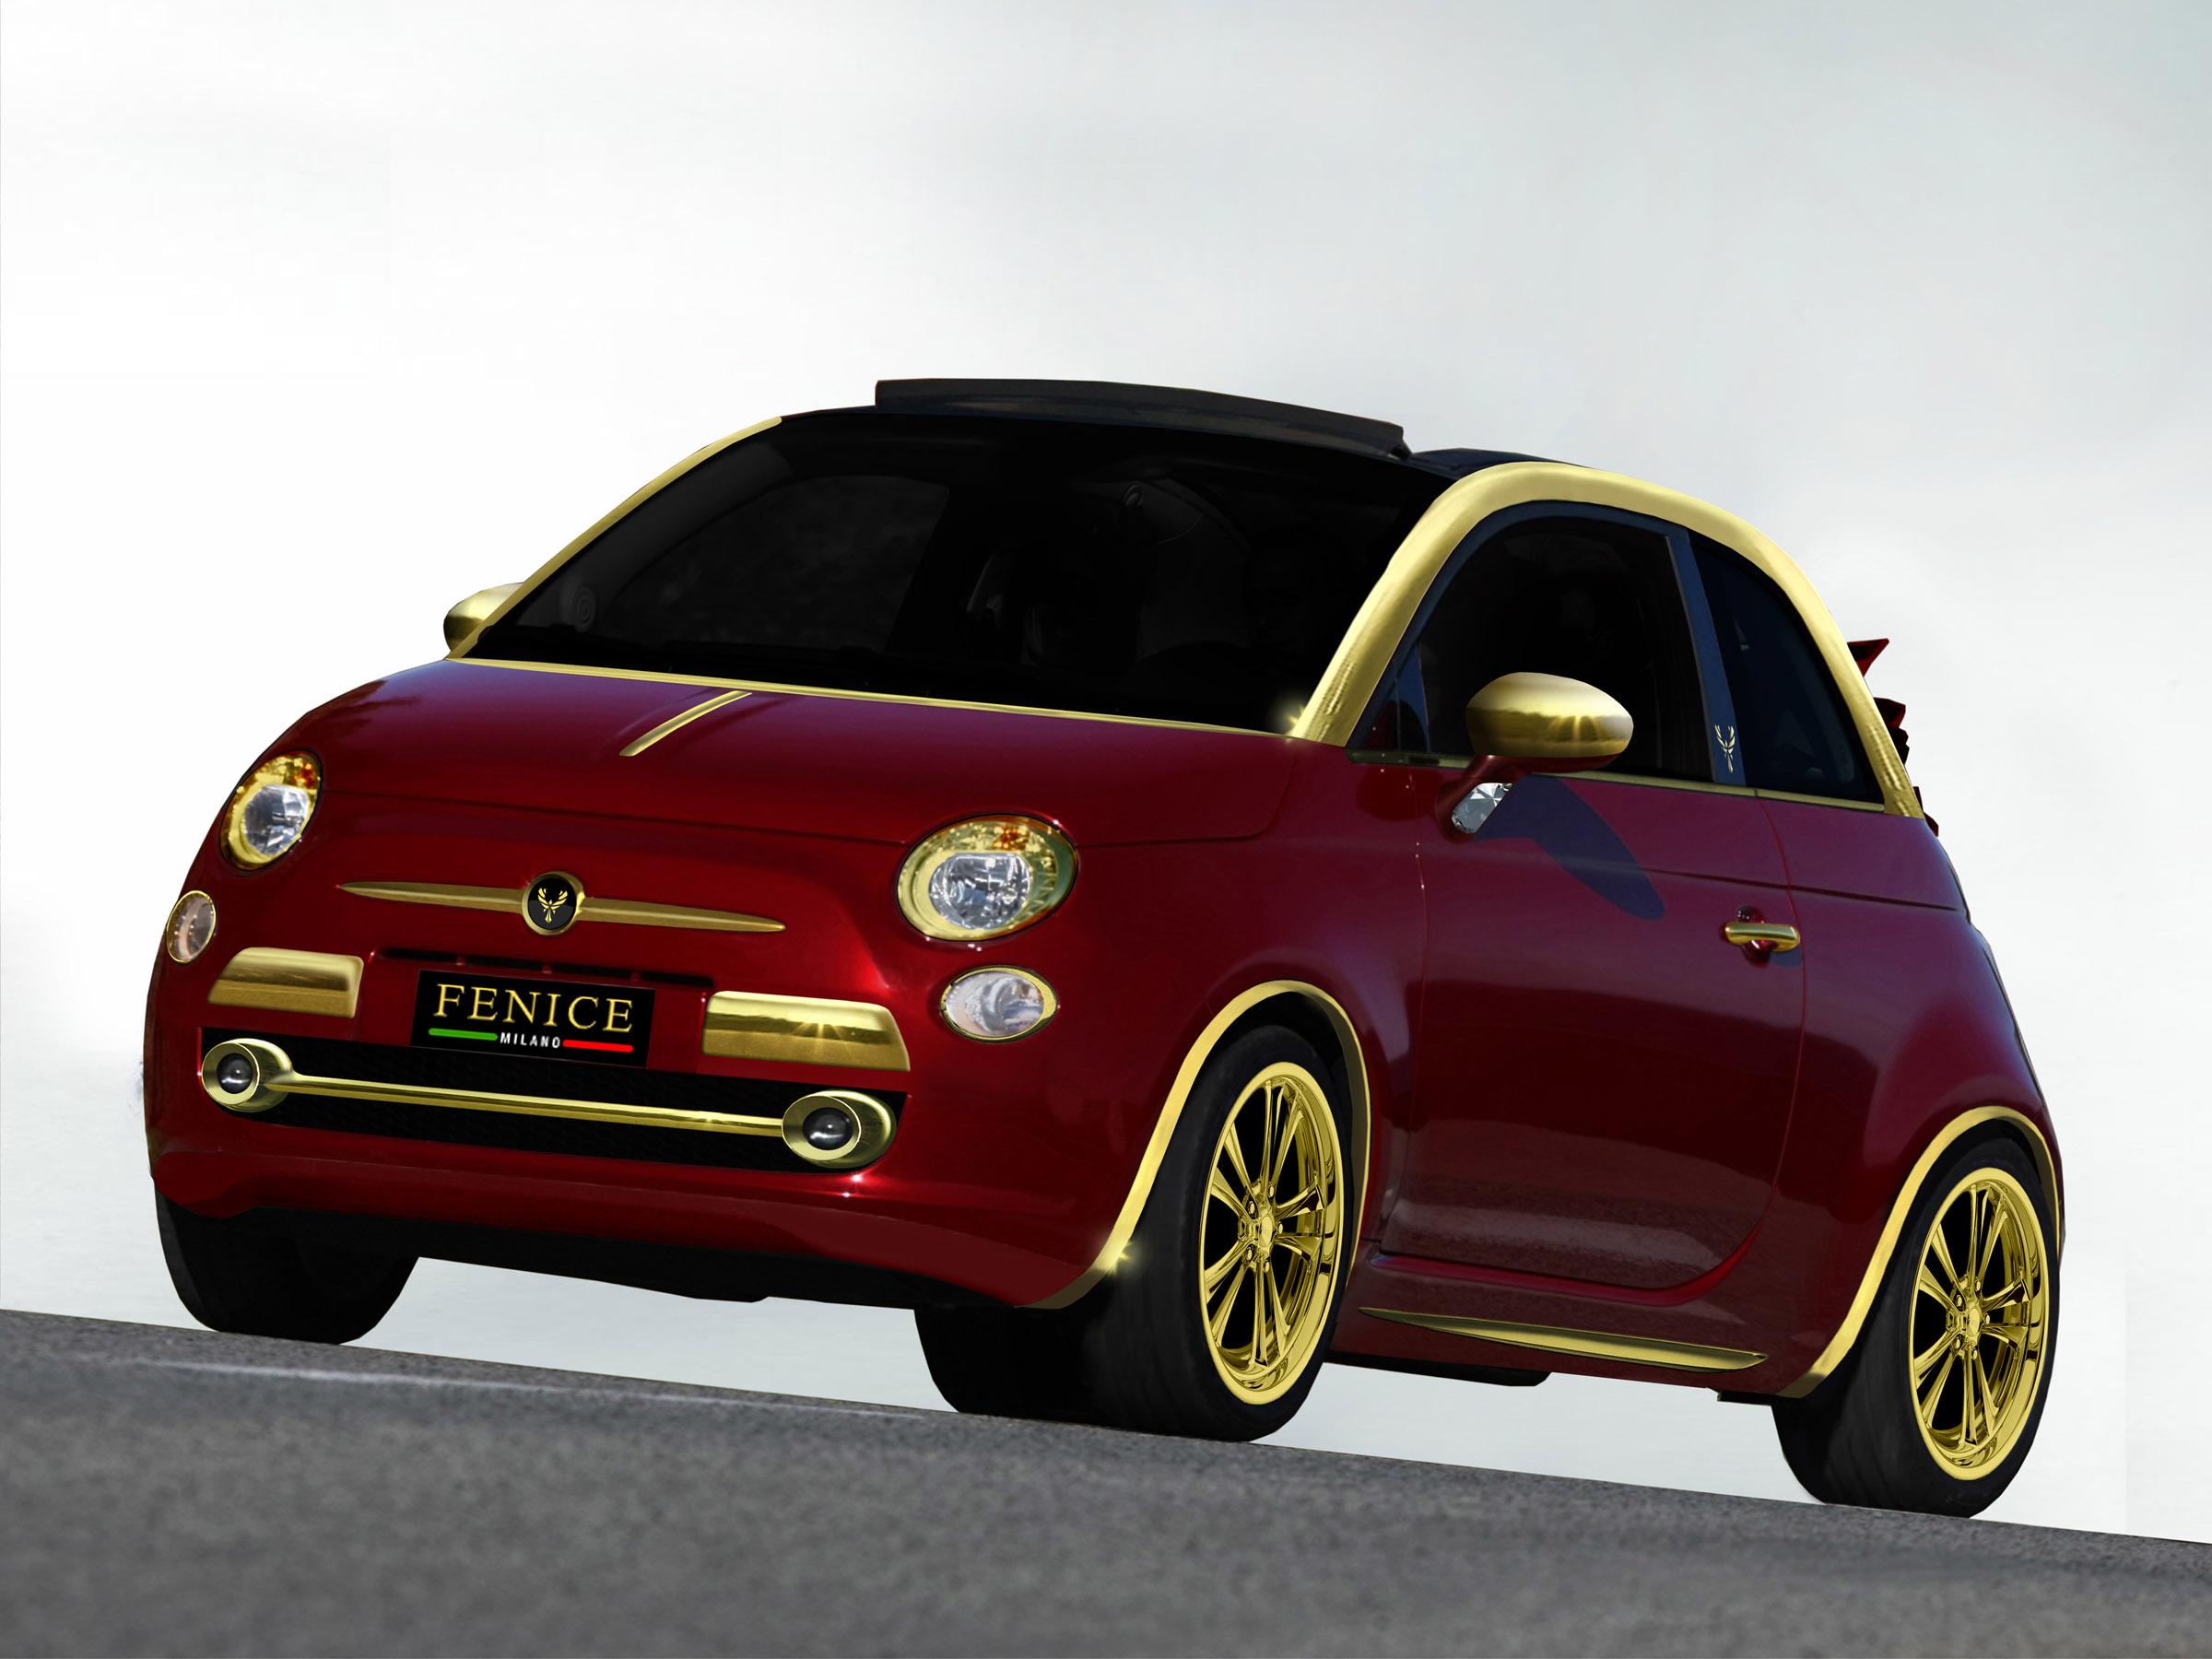 Fiat 500C La Dolce Vita by Fenice Milano